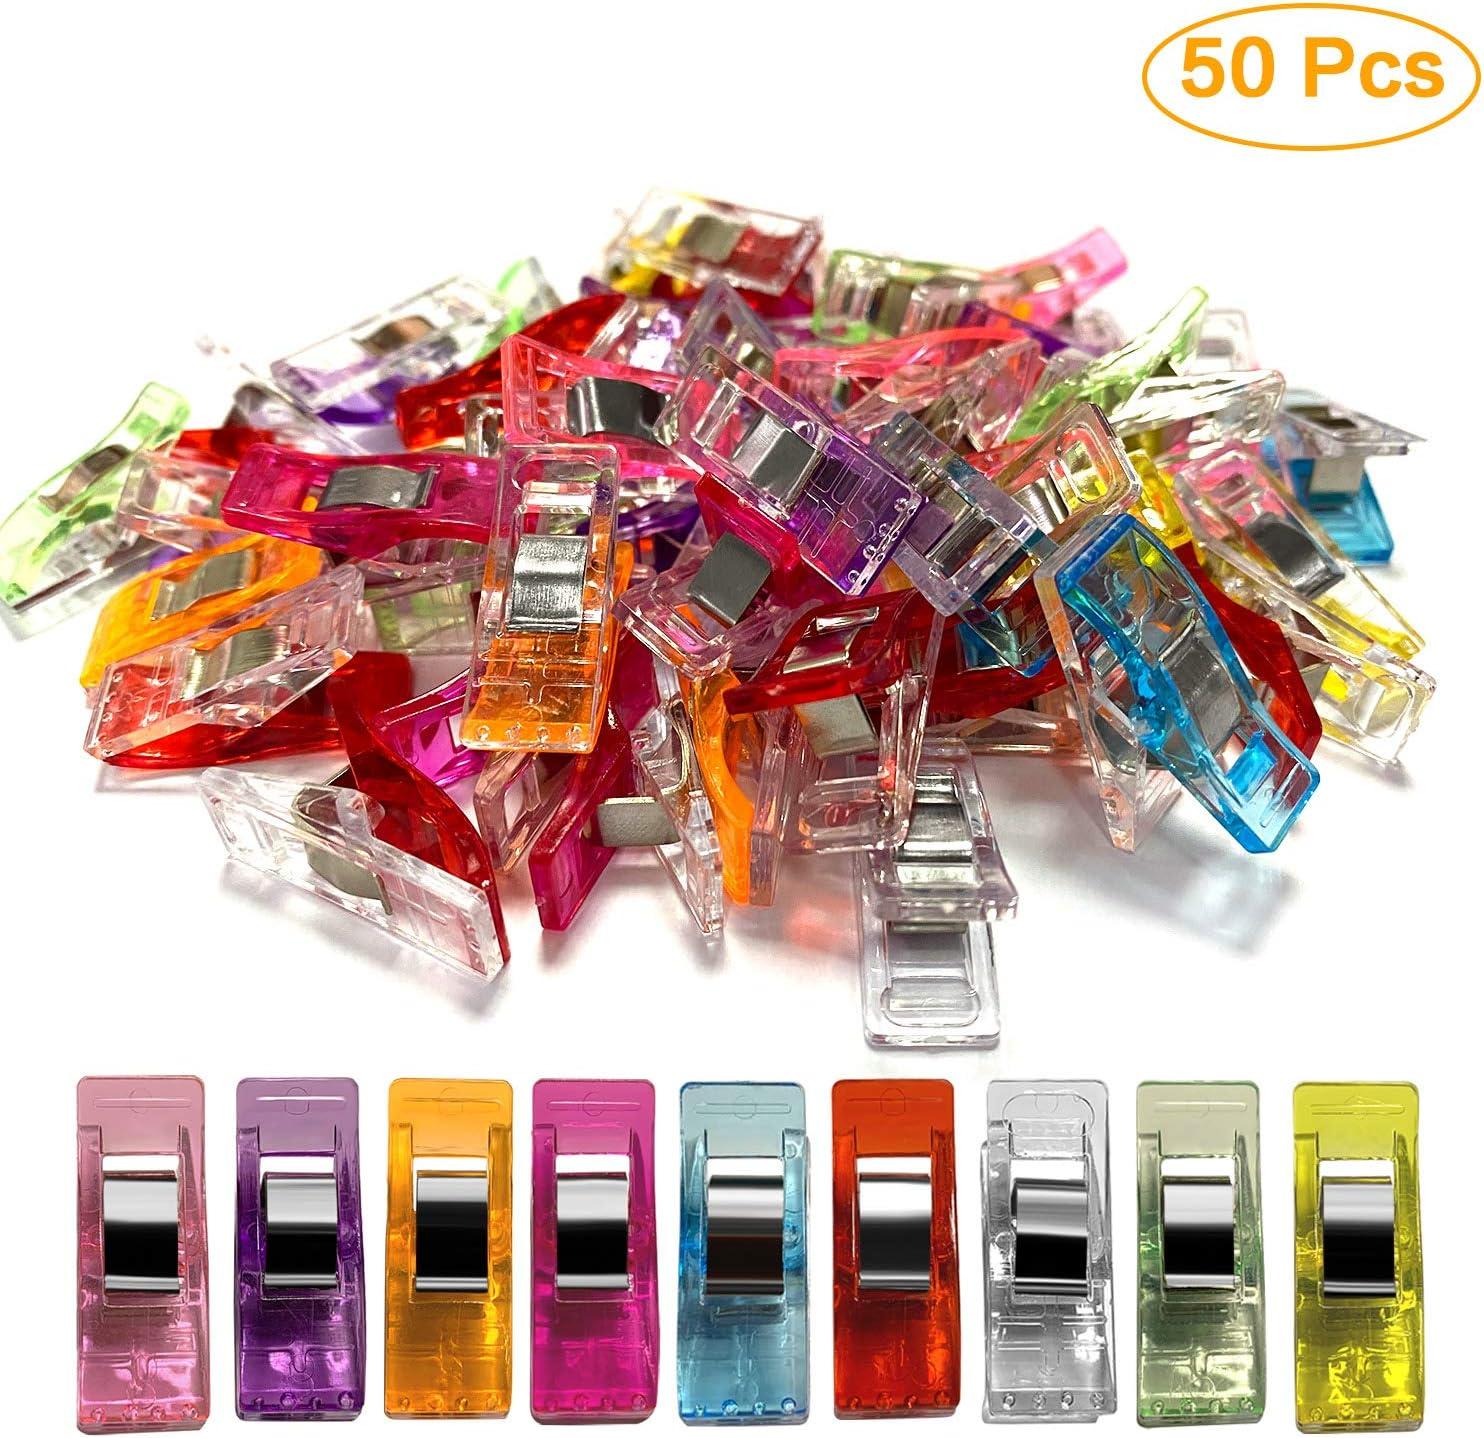 50 St/ück Mehrzweck-Quiltclips zum N/ähen von Craft Clamps Crafting H/äkeln Stricken Crafting Stoff Quilten zuf/ällige Farben Maxure N/ähclips